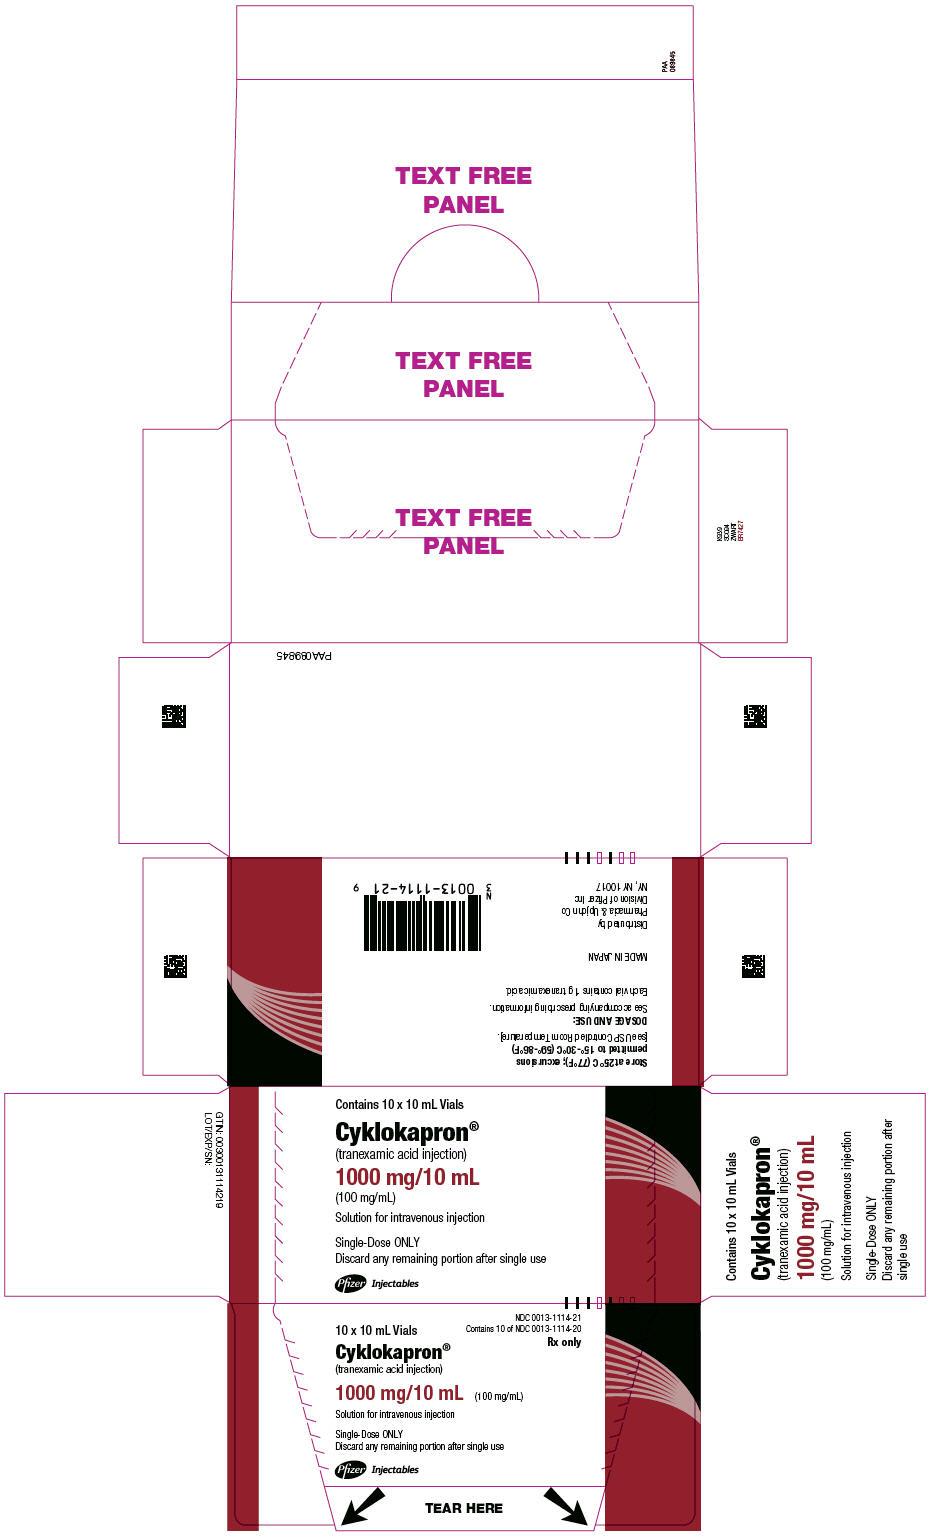 PRINCIPAL DISPLAY PANEL - 10 mL Vial Box